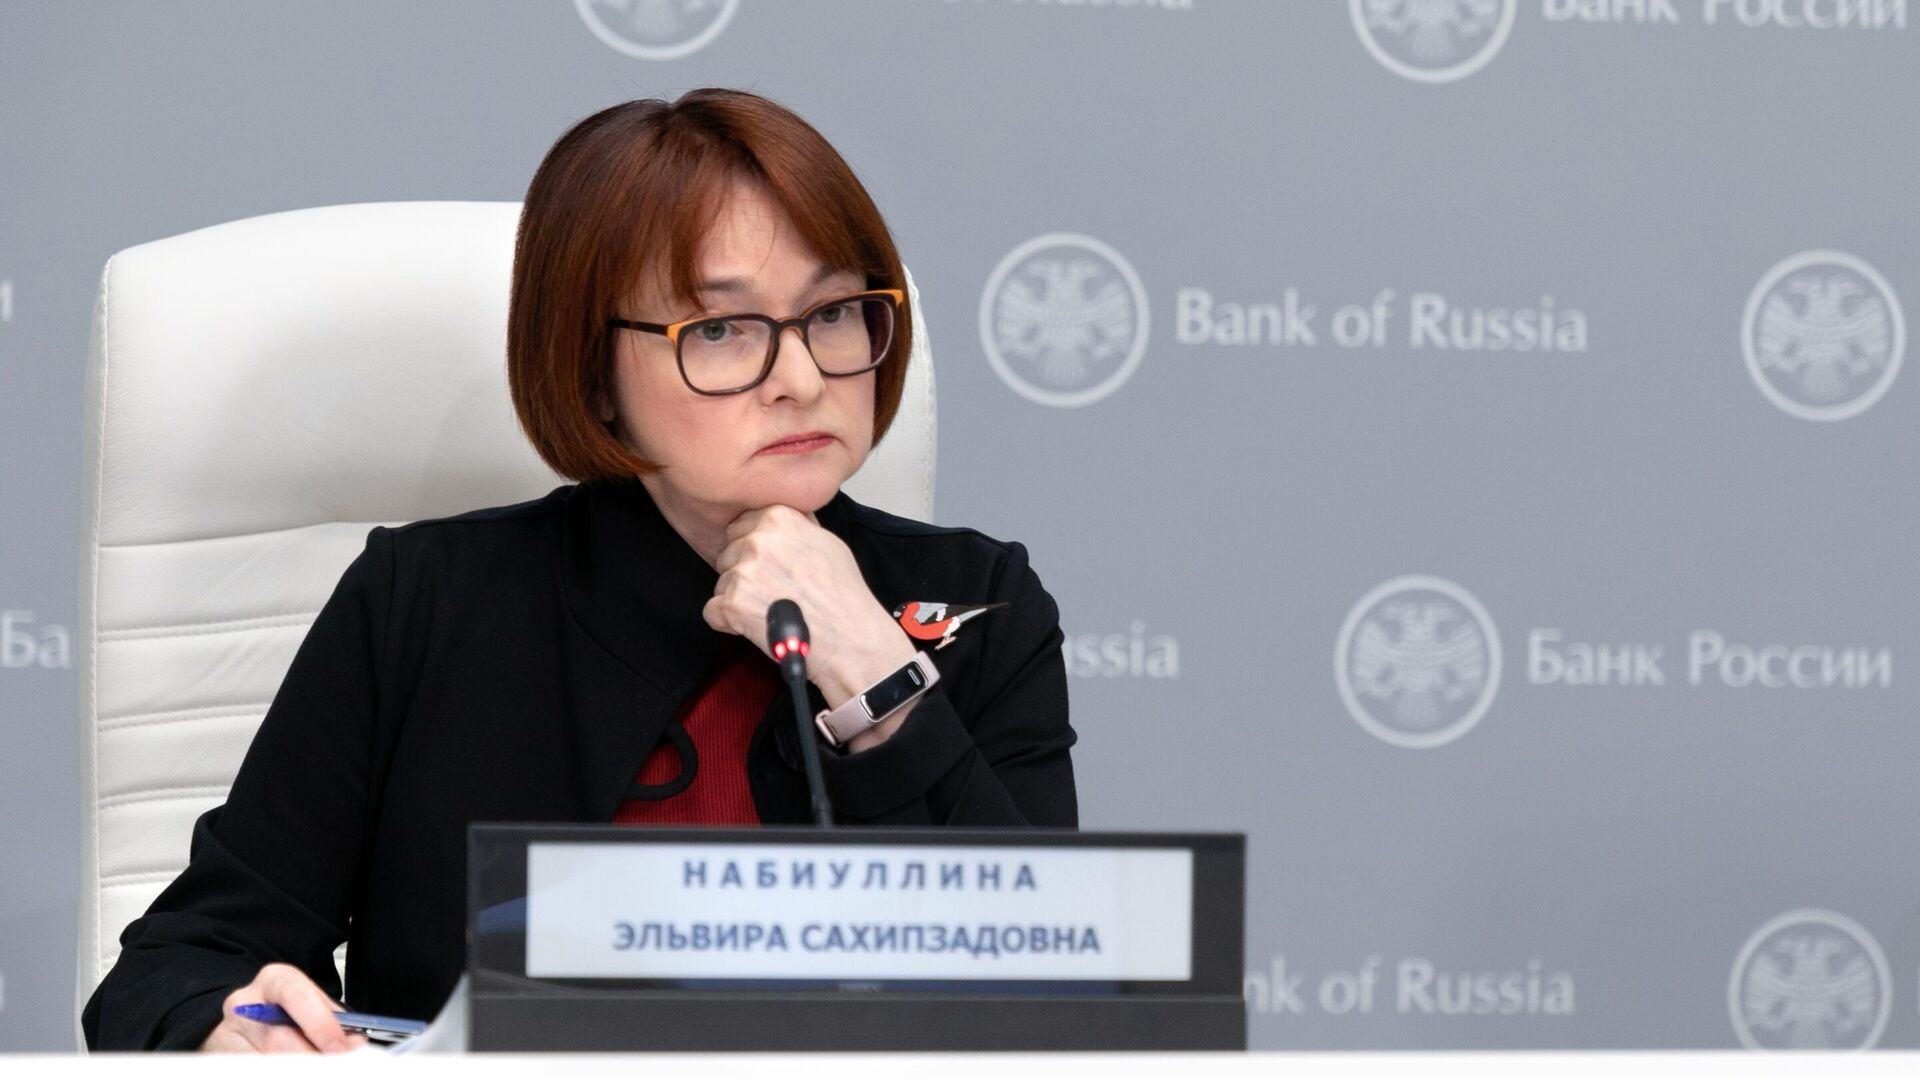 Председатель Центрального банка РФ Эльвира Набиуллина во время пресс-конференции - РИА Новости, 1920, 23.04.2021